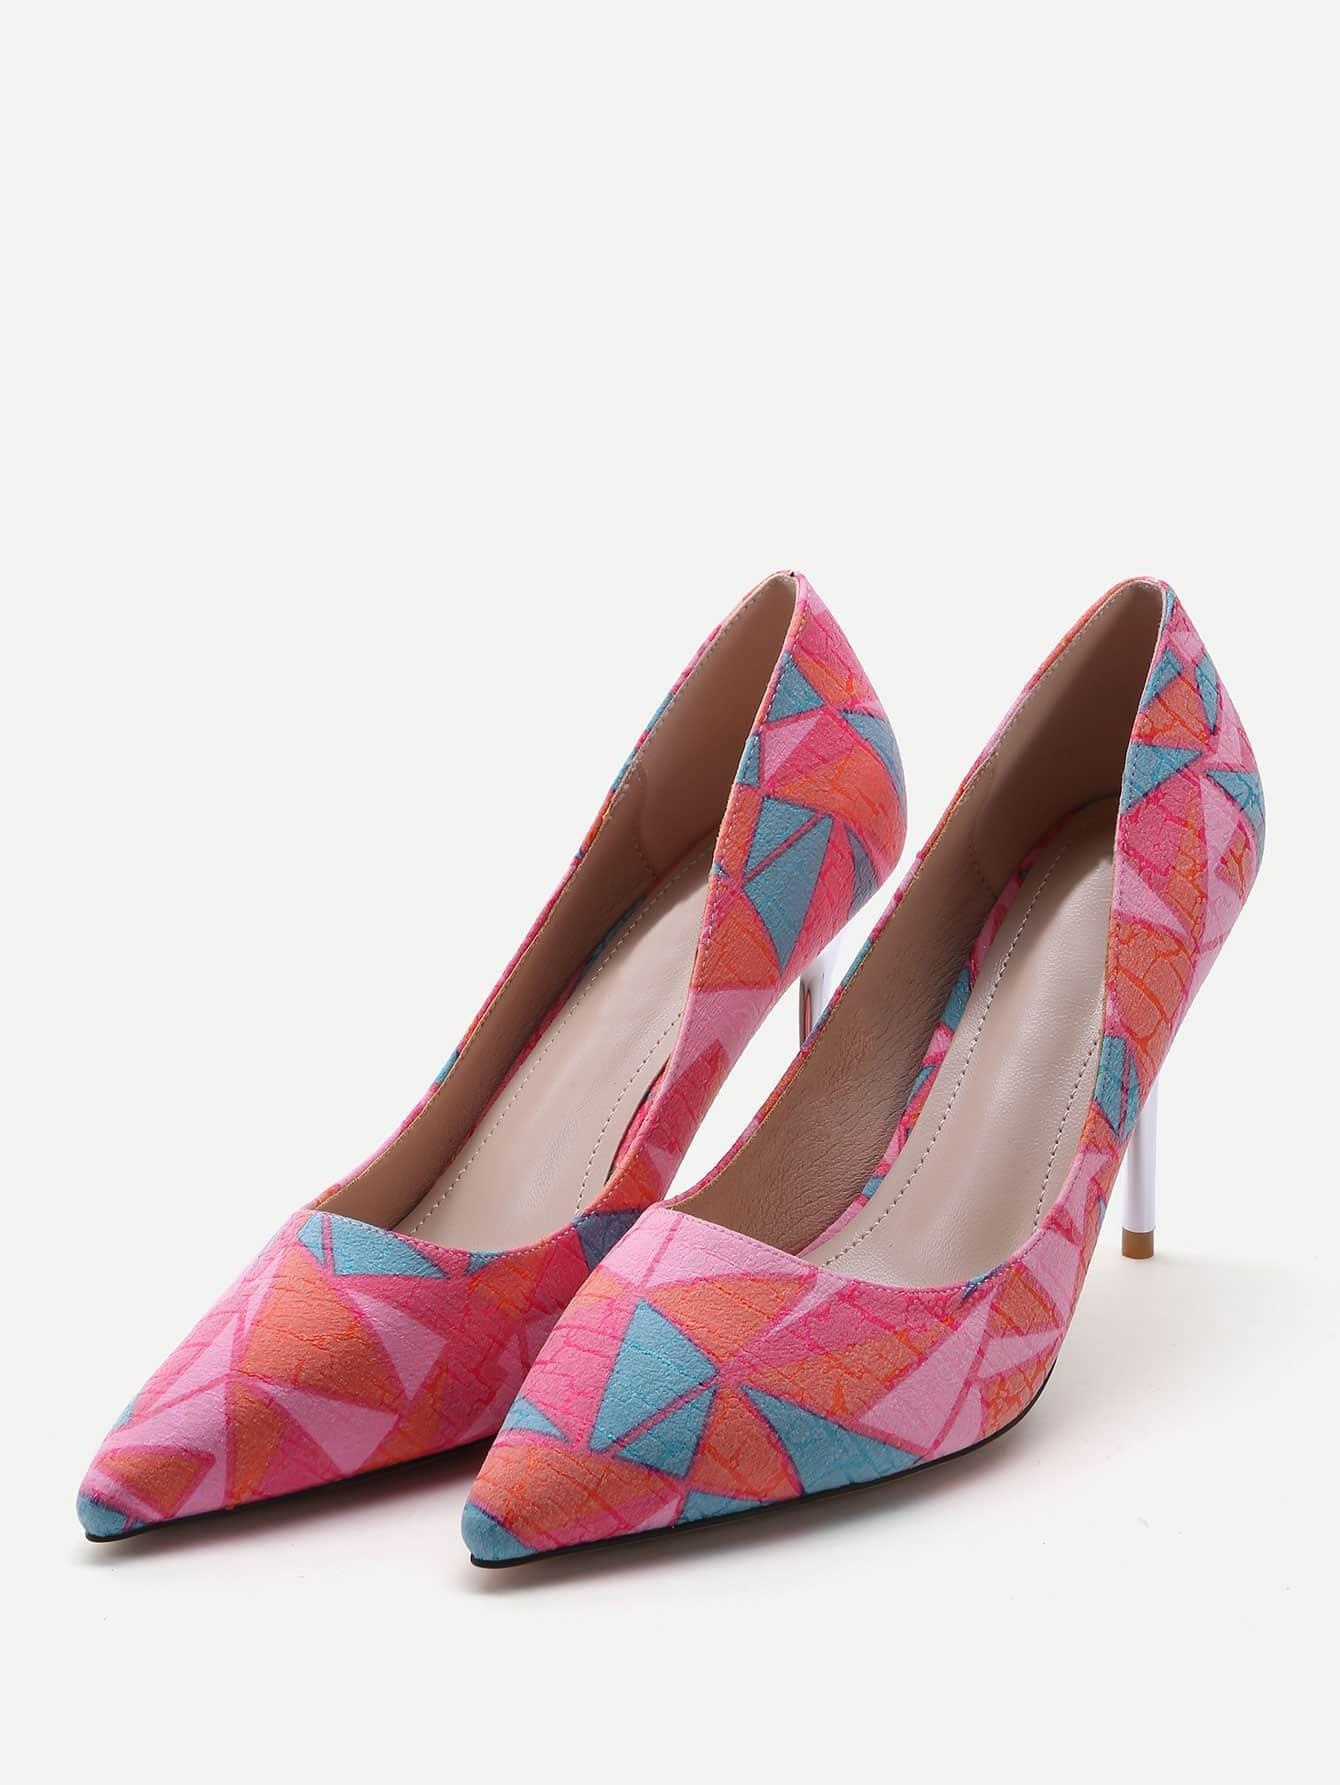 shoes170224806_2